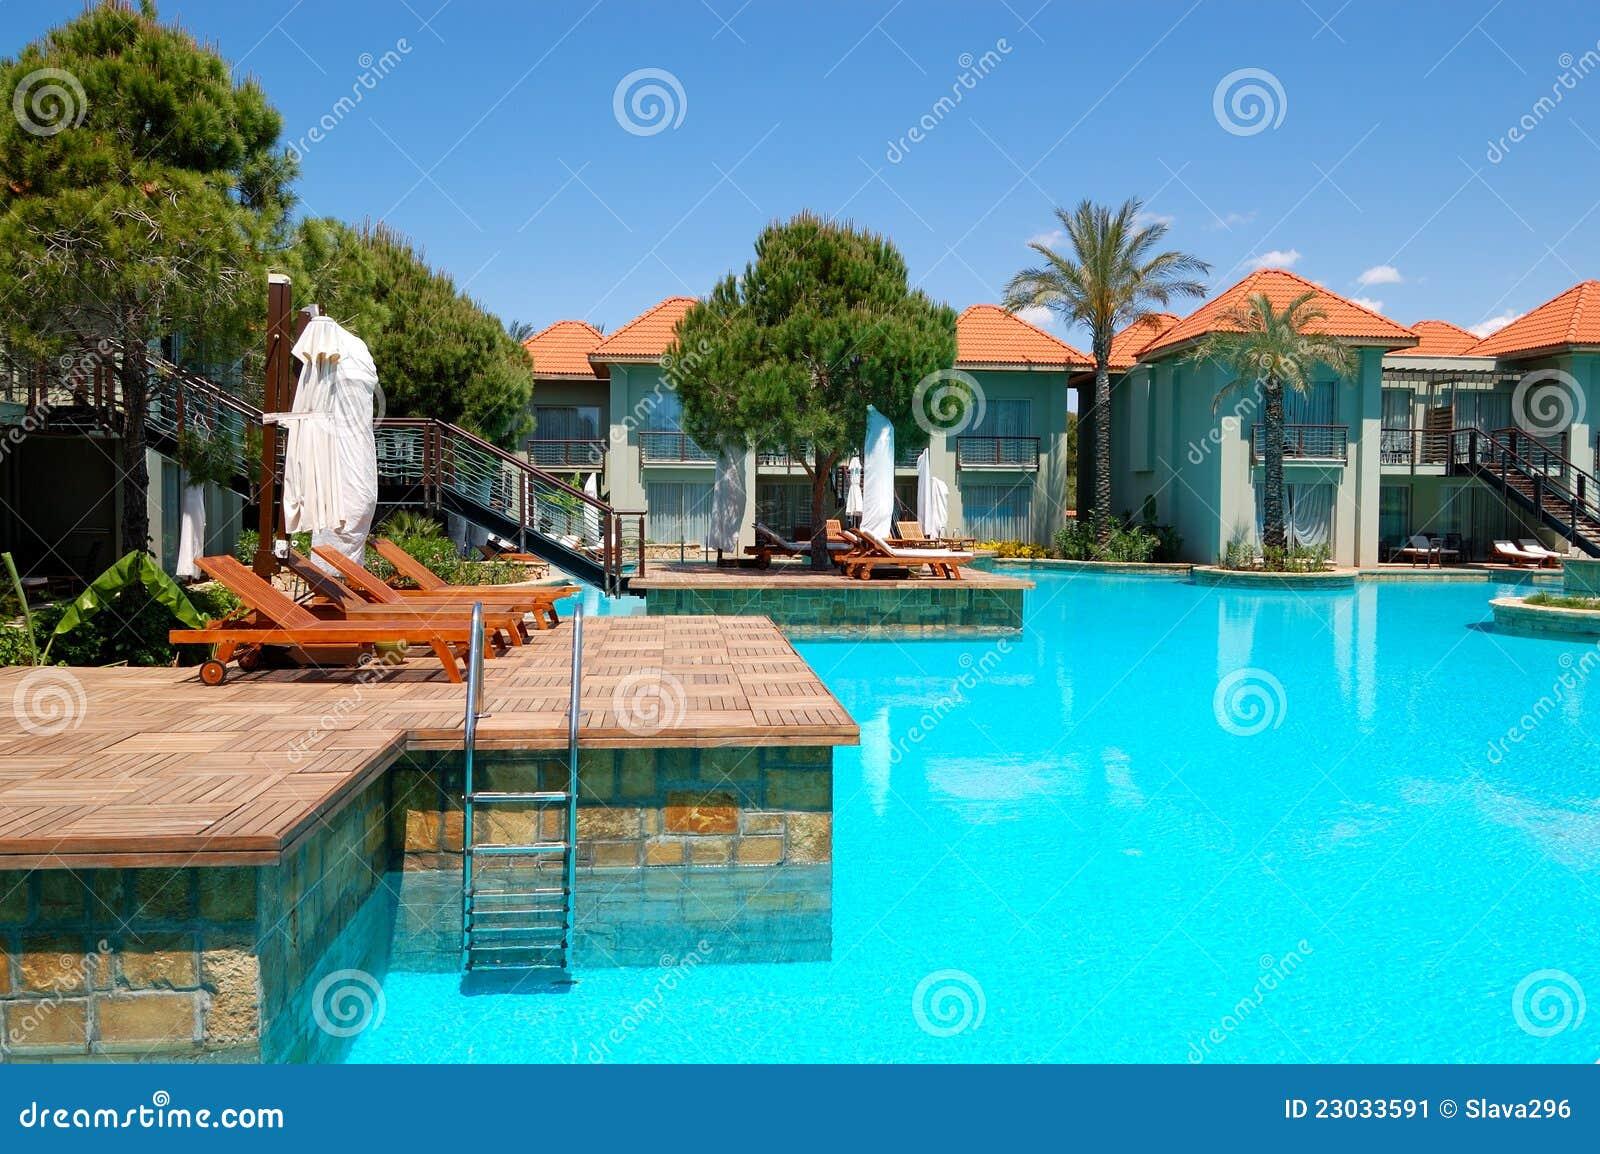 Chalets y piscina de lujo en el hotel de lujo imagen de - Piscinas para chalets ...